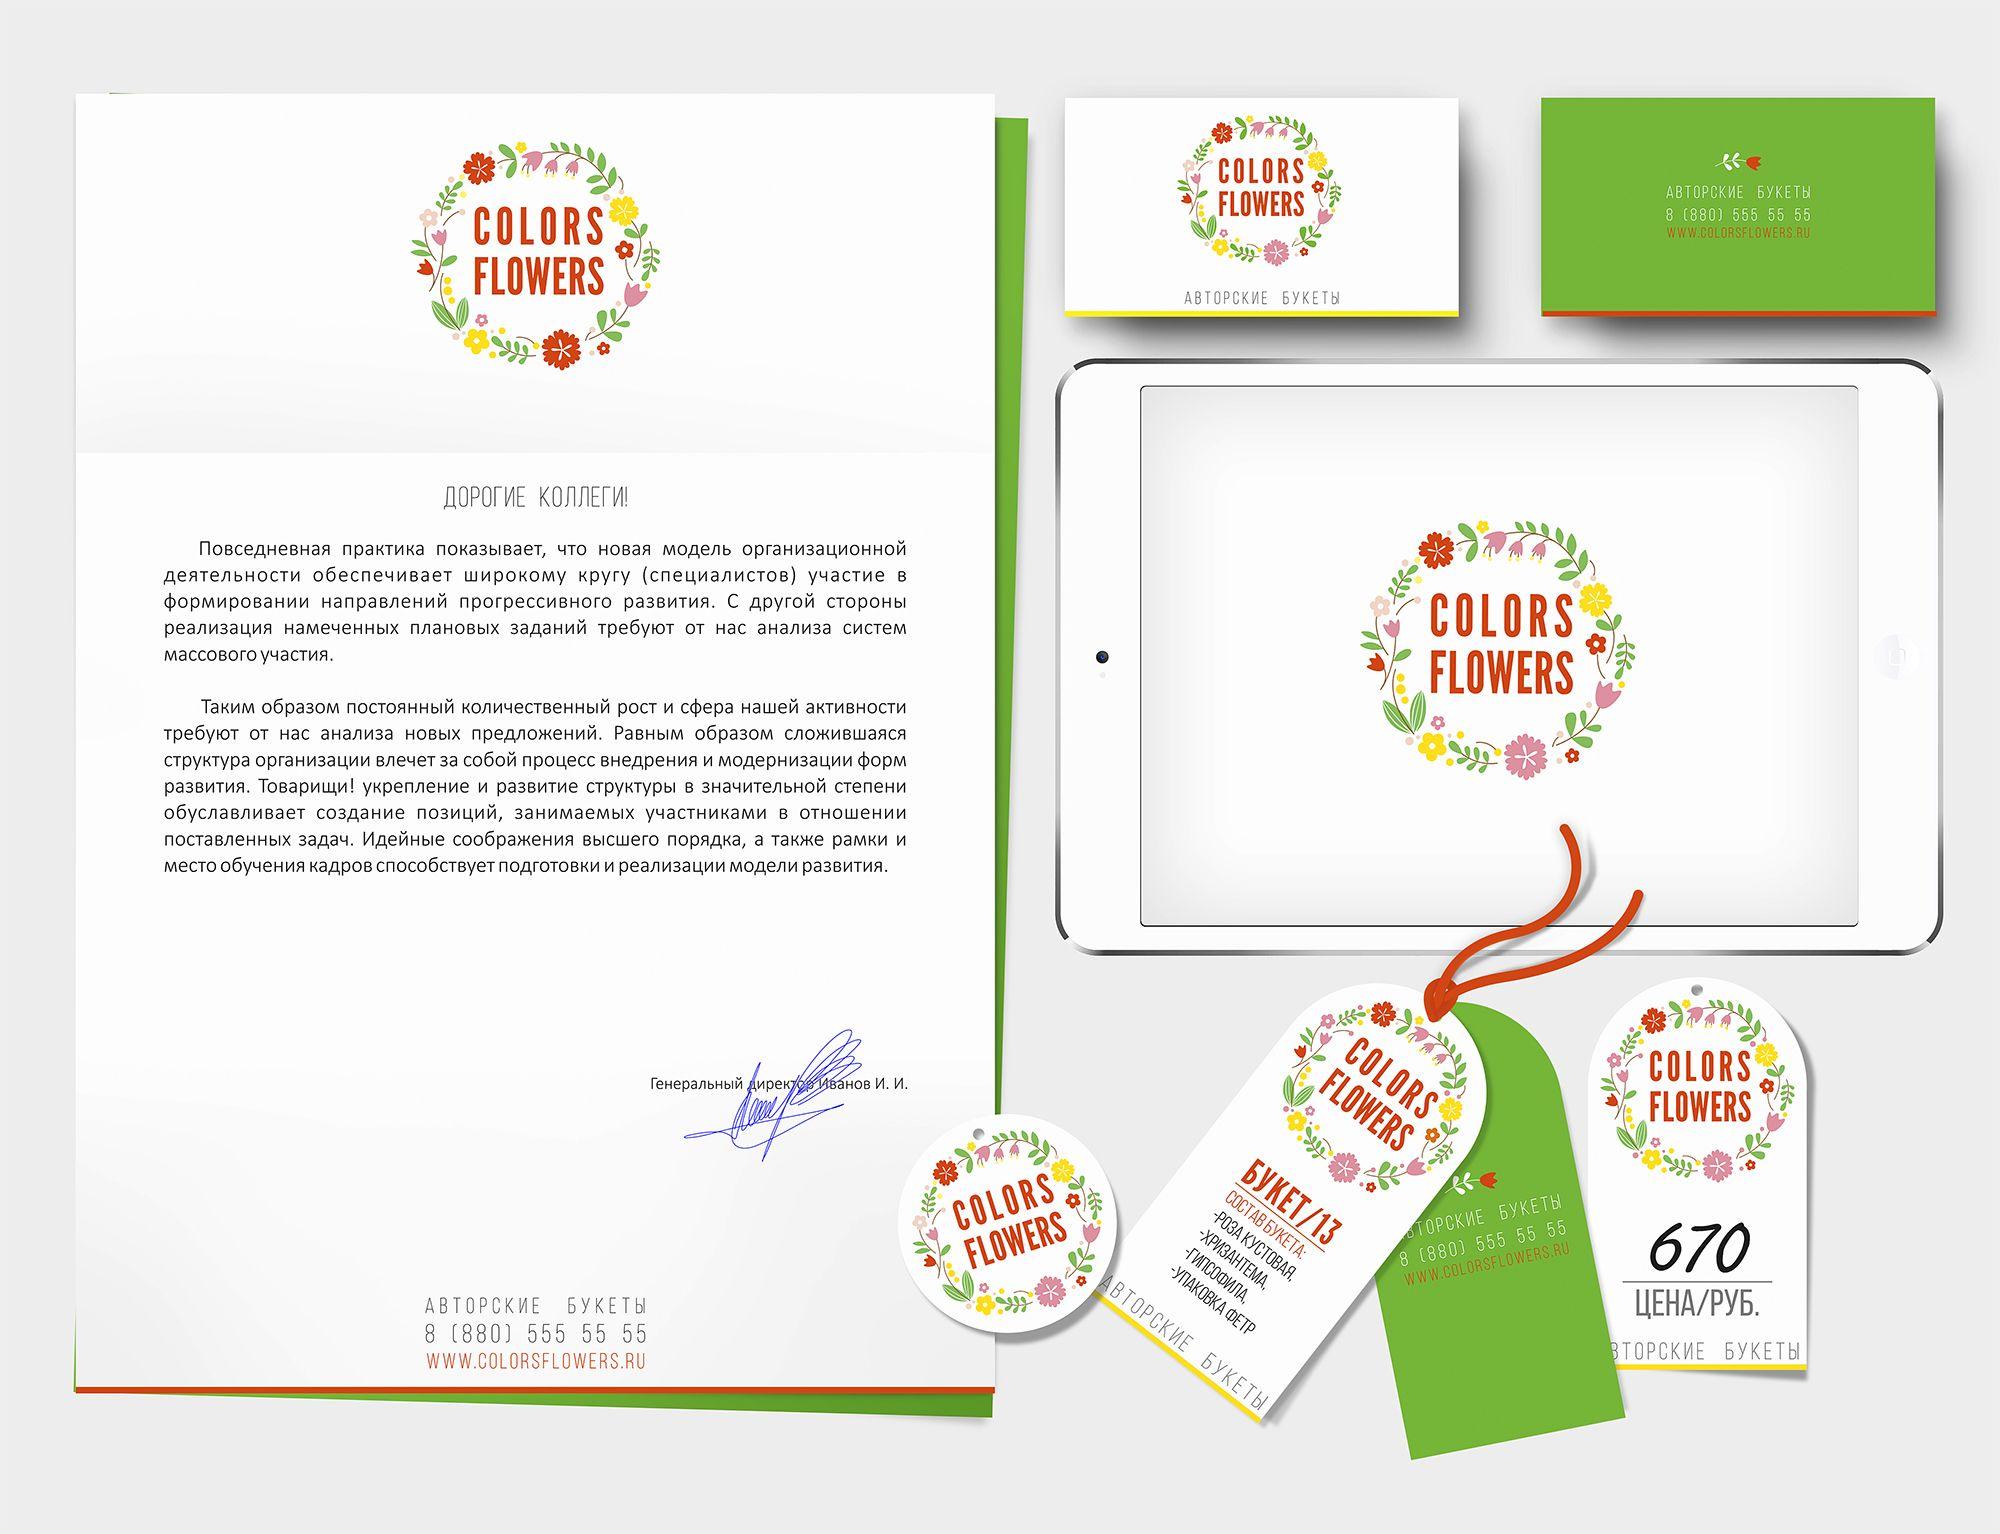 Colors & Flowers Логотип и фирменный стиль - дизайнер IRISKA